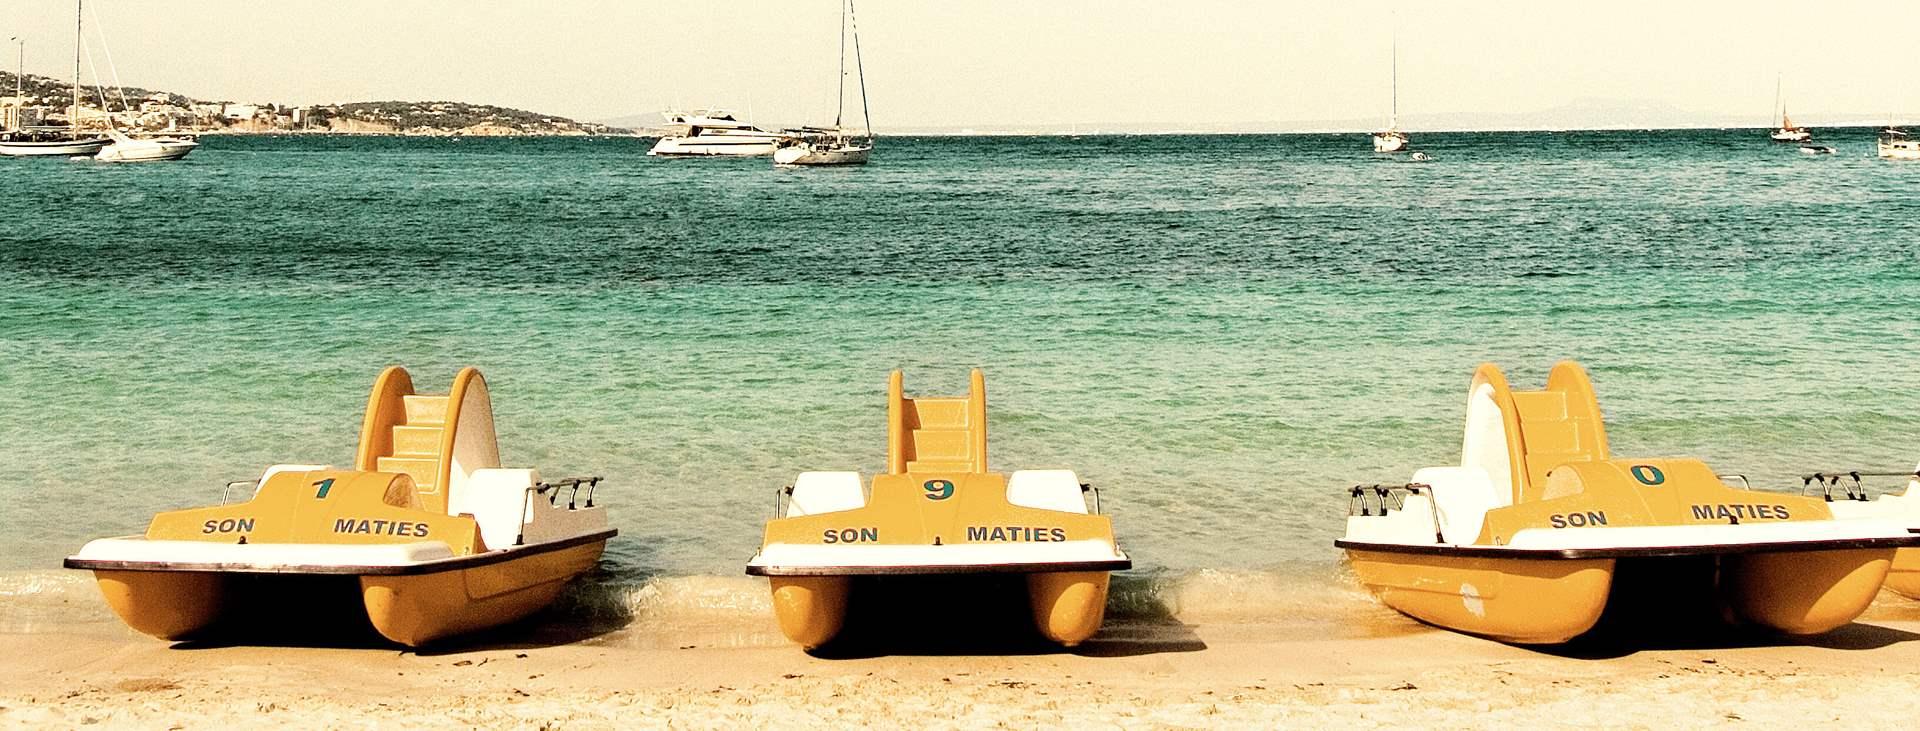 Resor till Palma Nova/Magaluf på Mallorca